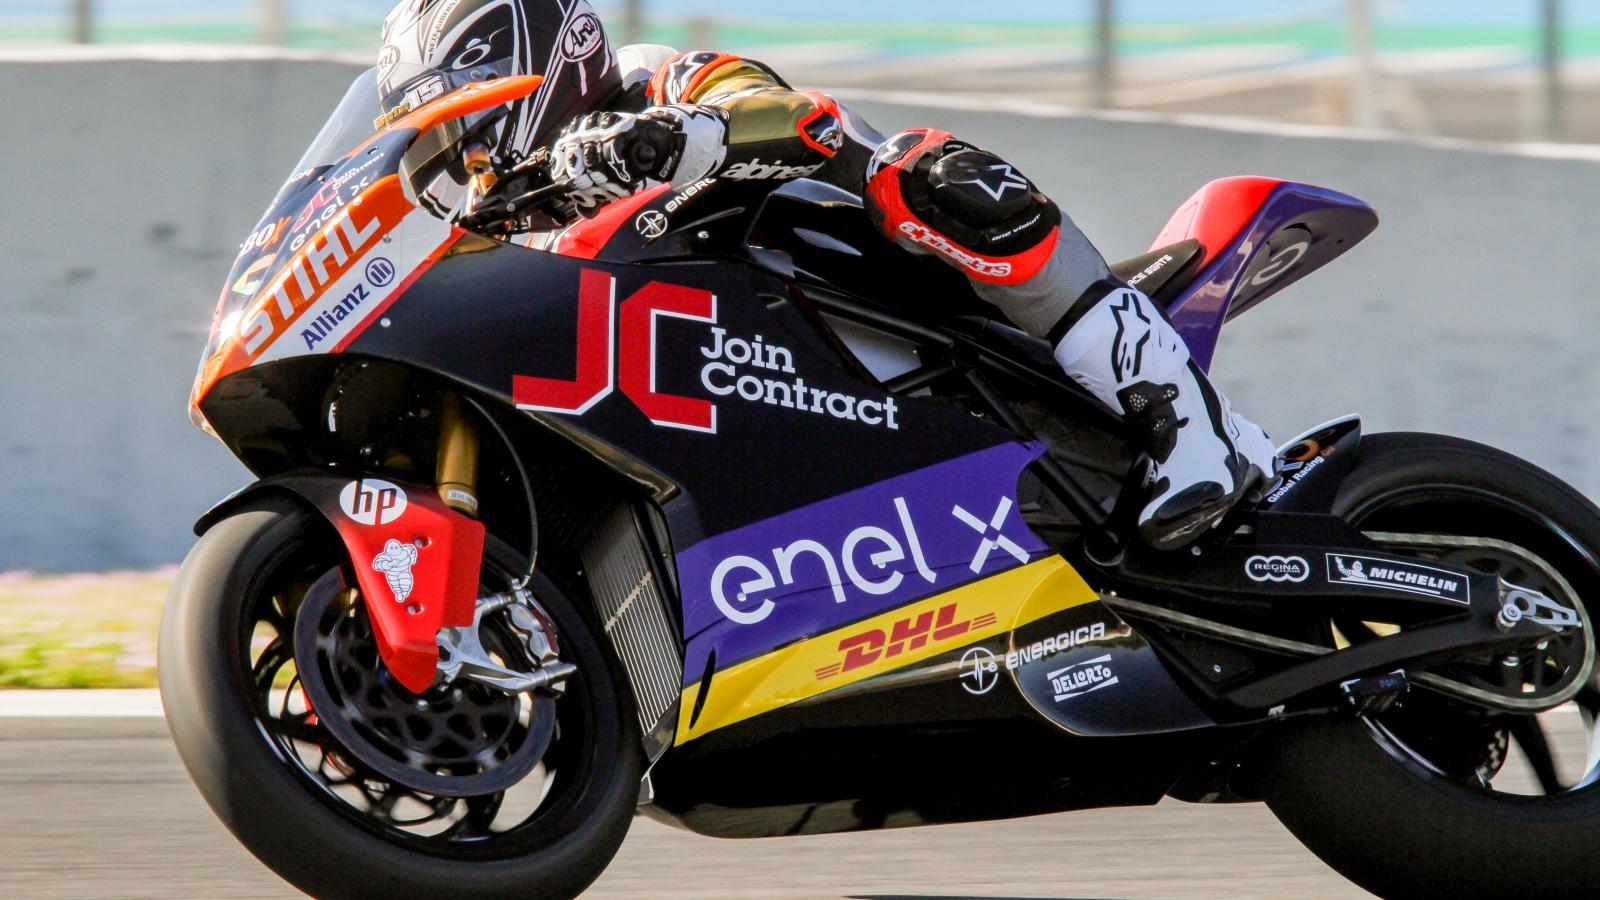 Eric Granado lidera el primer día de MotoE 2019 en Jerez ante Niki Tuuli y Héctor Garzó